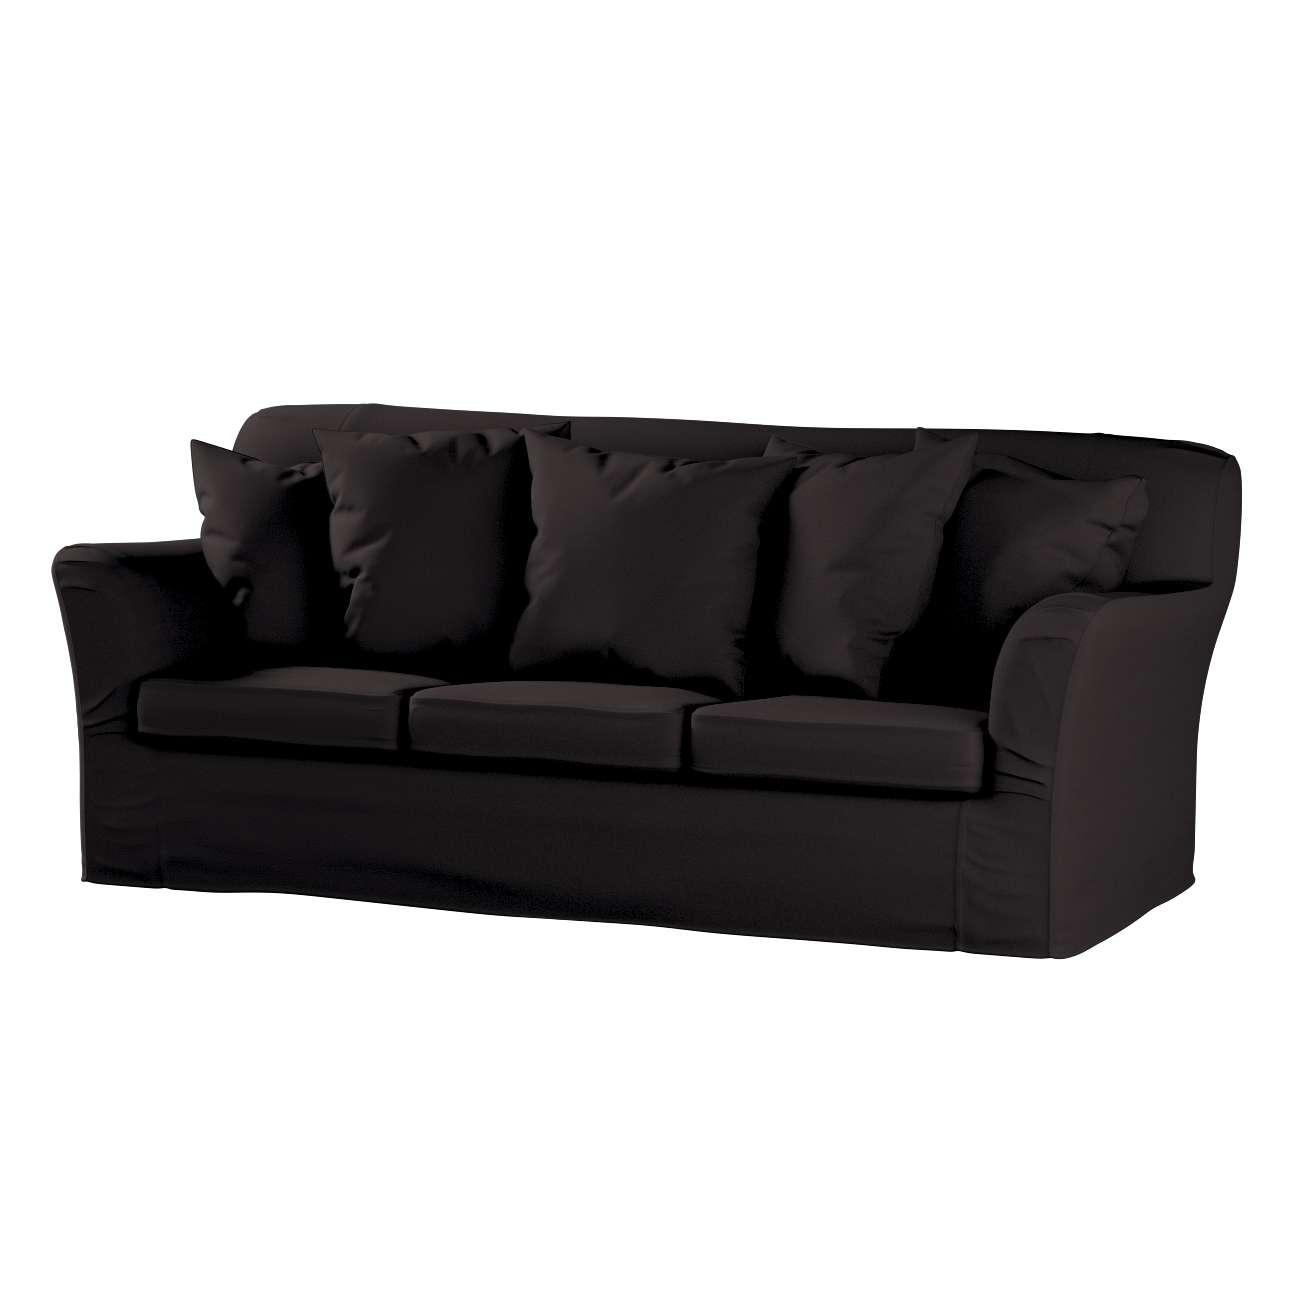 Pokrowiec na sofę Tomelilla 3-osobową nierozkładaną Sofa Tomelilla 3-osobowa w kolekcji Cotton Panama, tkanina: 702-09